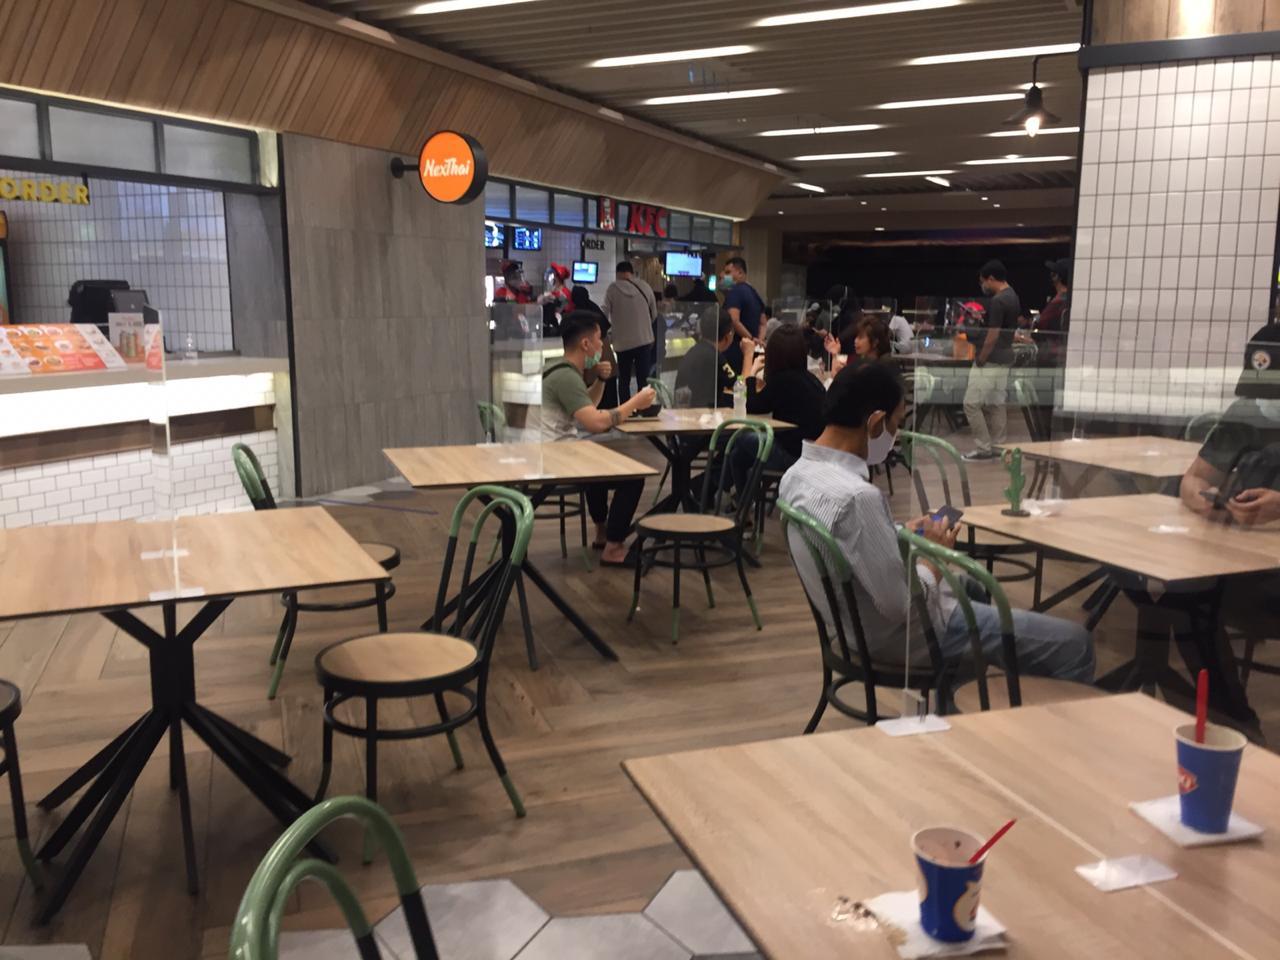 https: img.okezone.com content 2021 09 14 320 2470923 aturan-makan-di-tempat-kafe-tertutup-hanya-bisa-take-away-IOpP0DeCFS.jpg